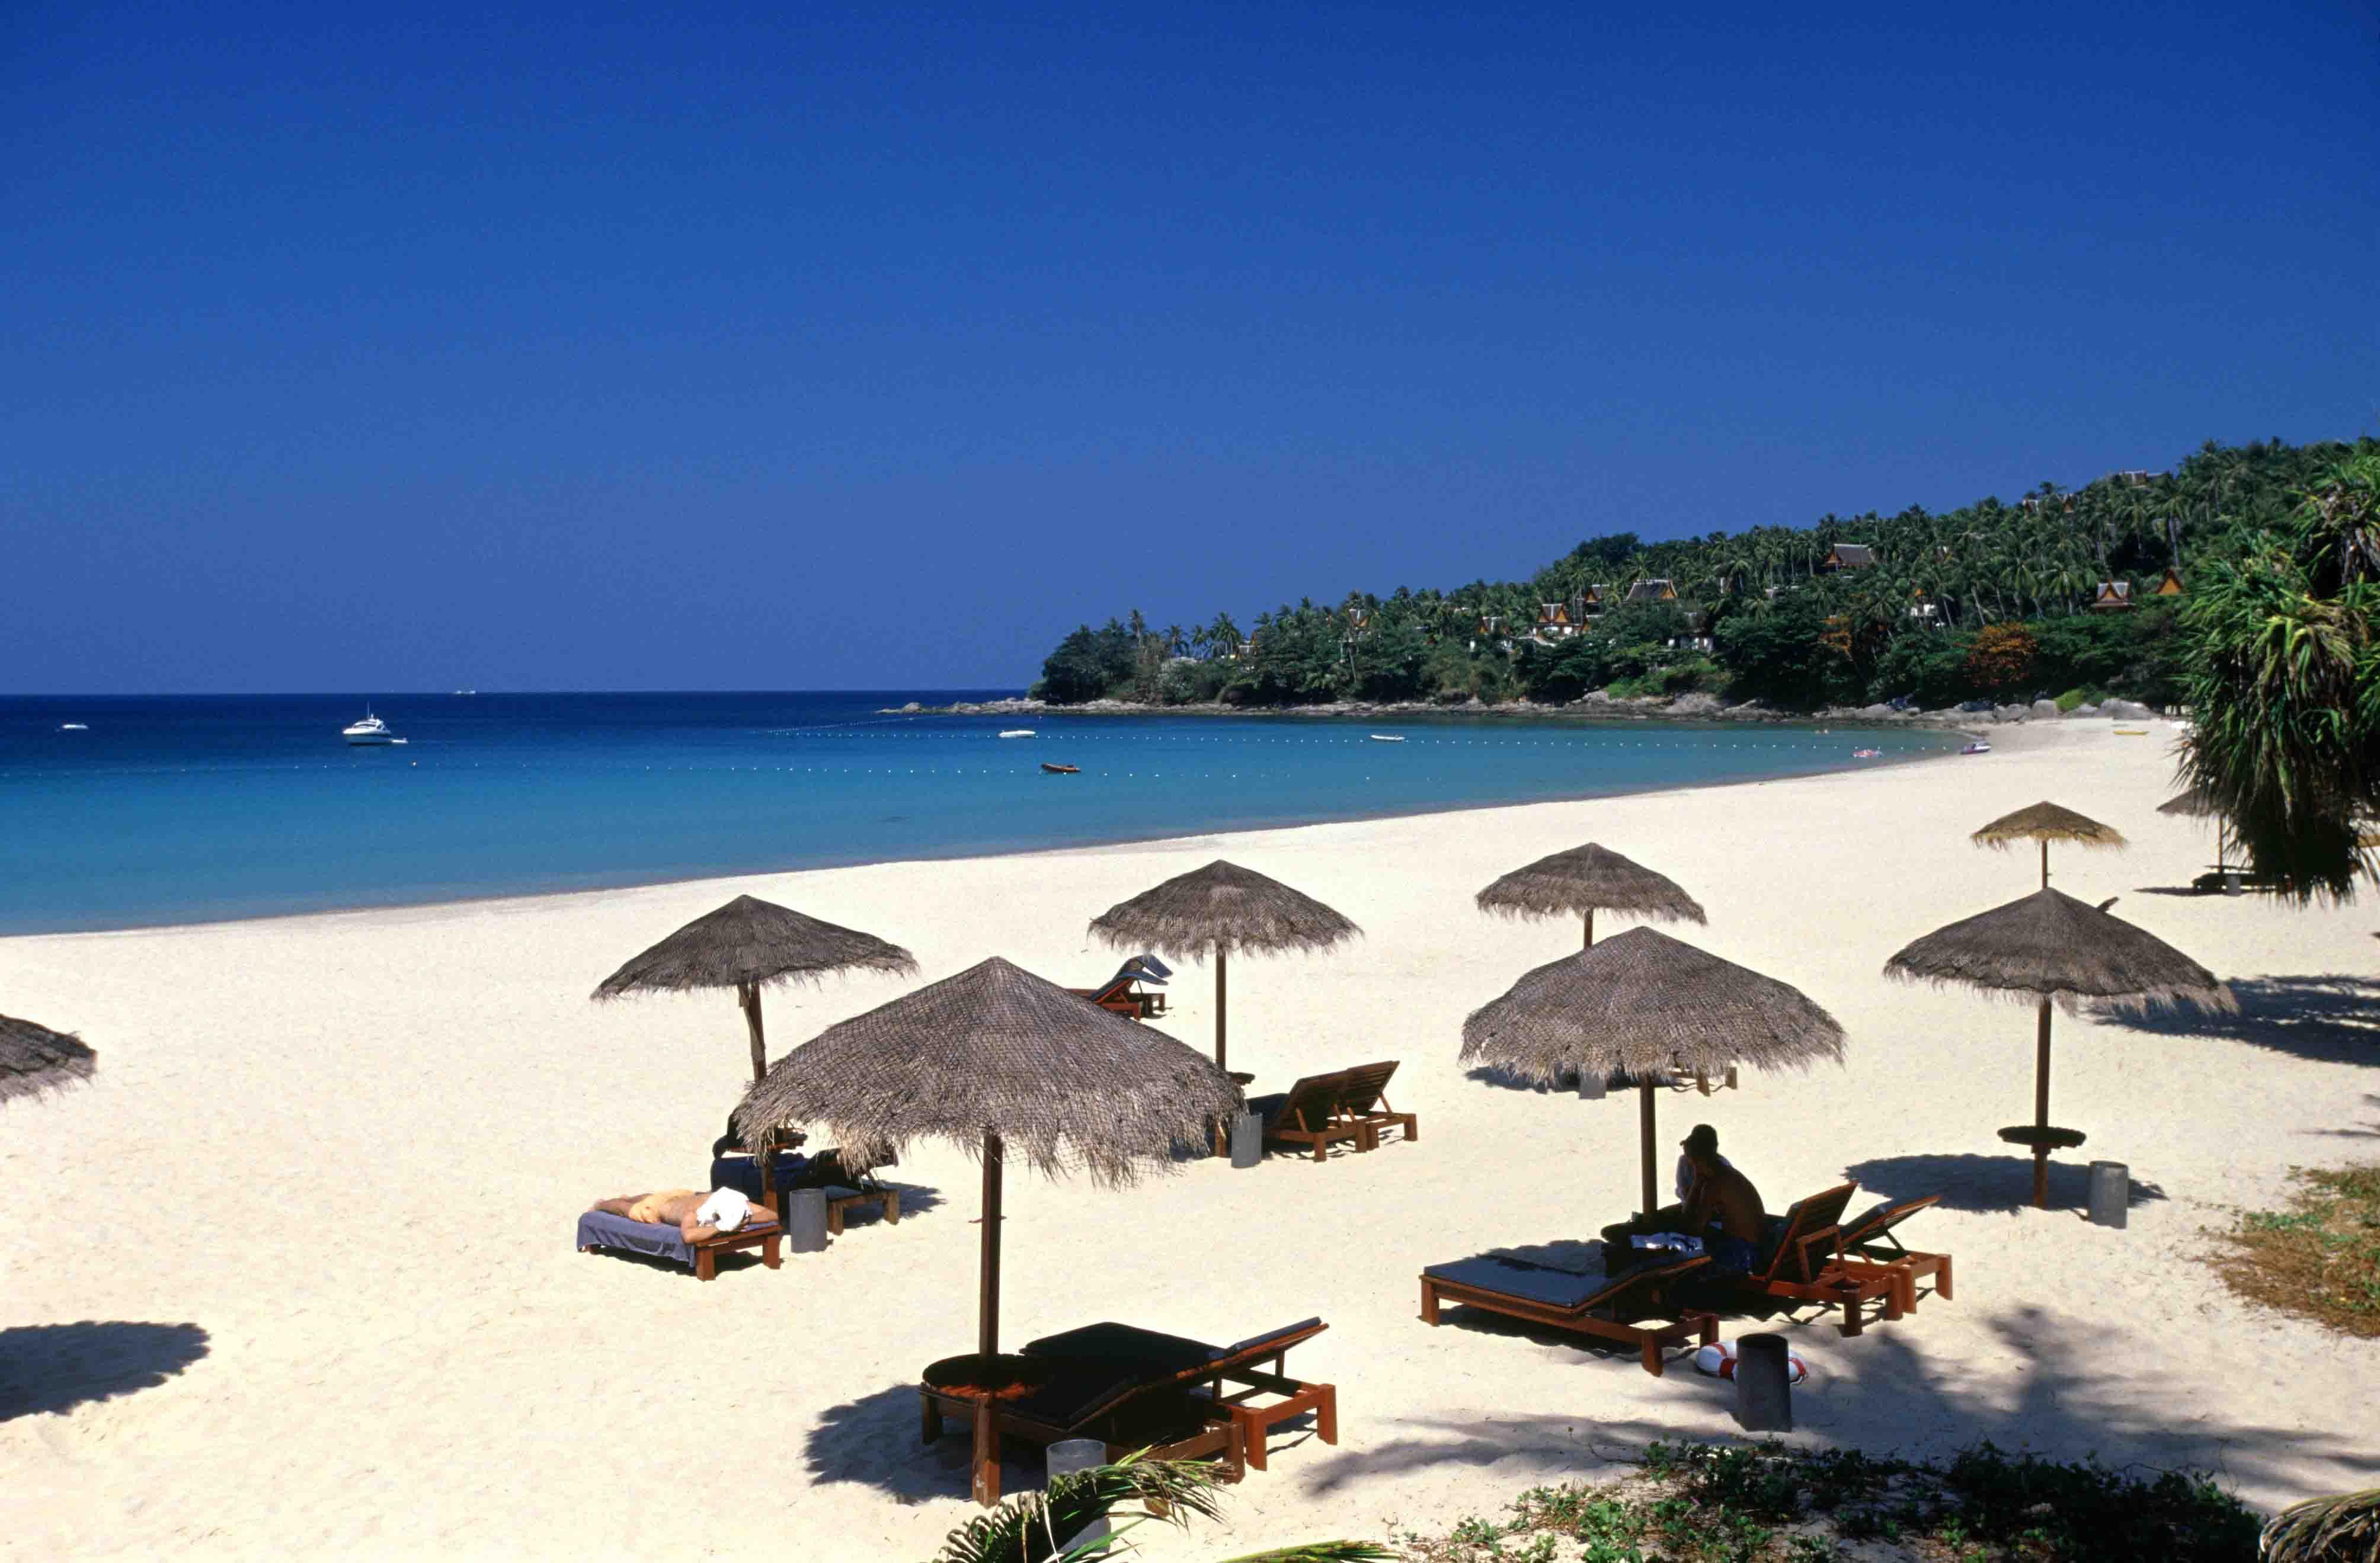 アジアの激アツなリゾートプーケット島のビーチ